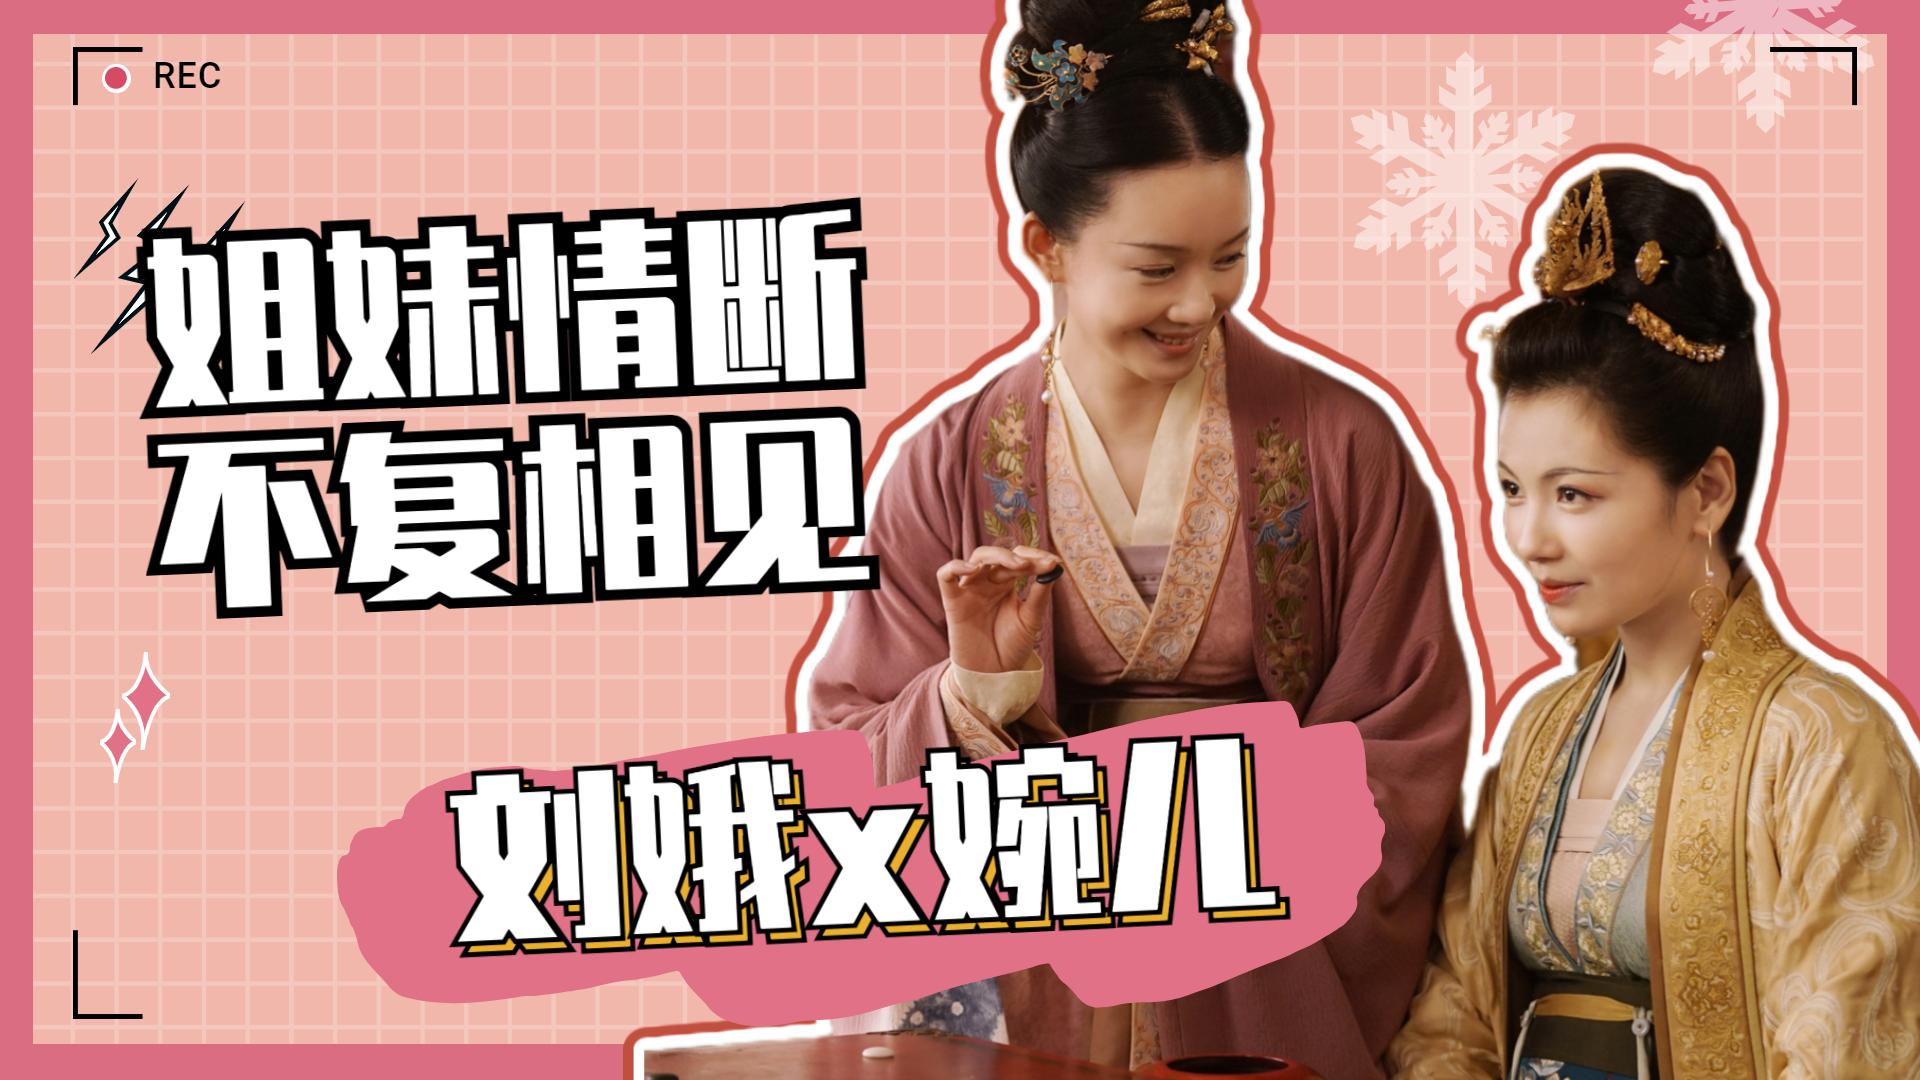 《大宋宫词》刘娥婉儿姐妹情断,今生不复相见,太好哭!